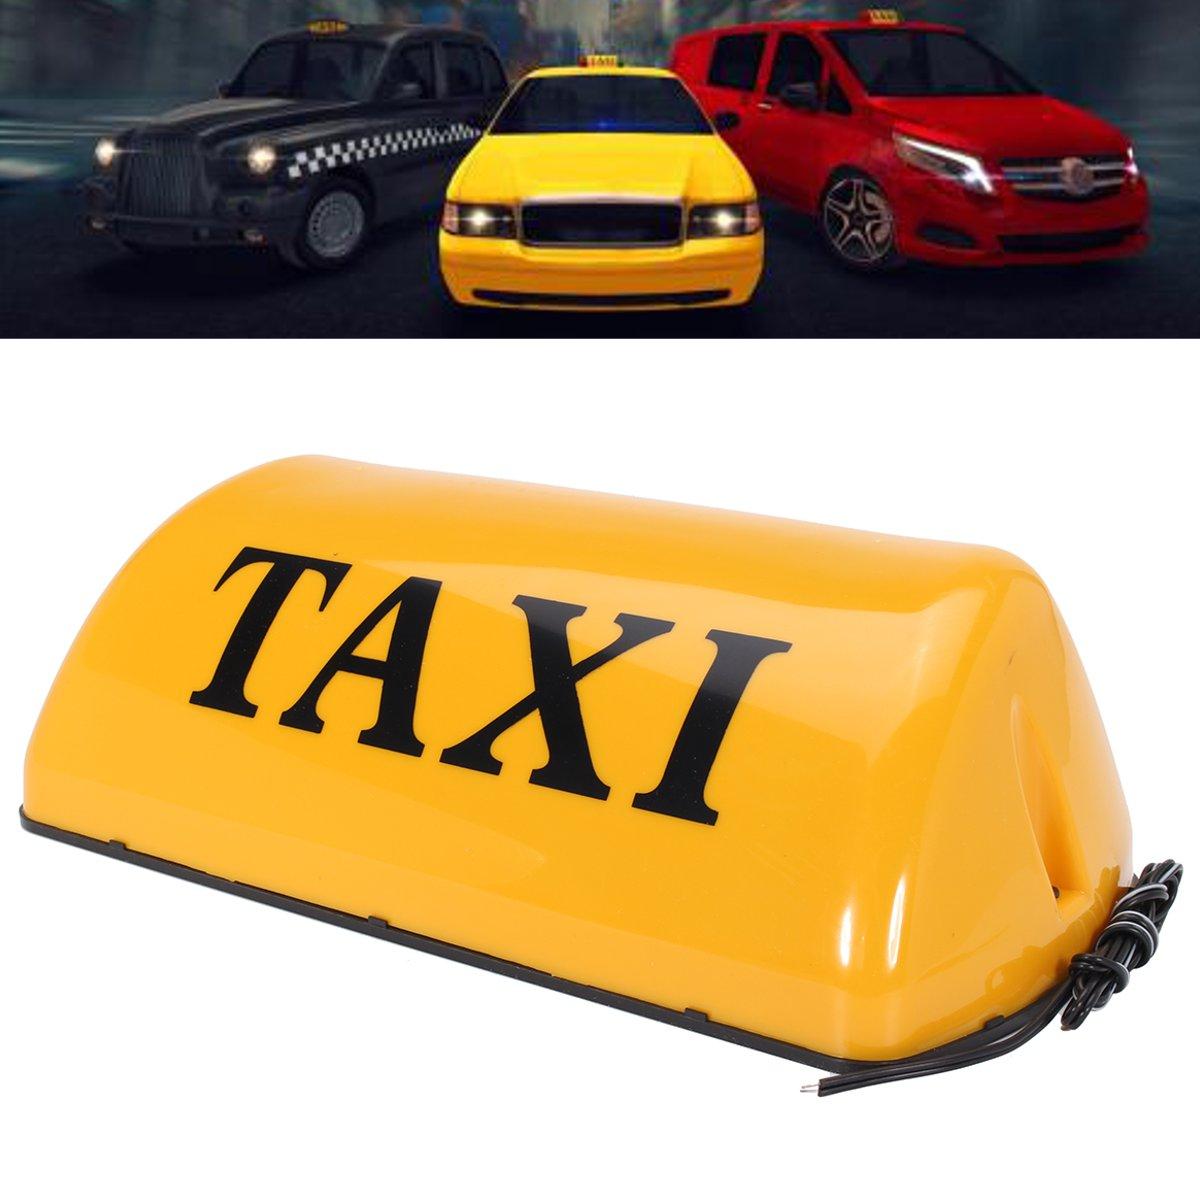 12 V Ich Top Zeichen Led Licht Cab Zeichen Dach Lampe Auto Topper